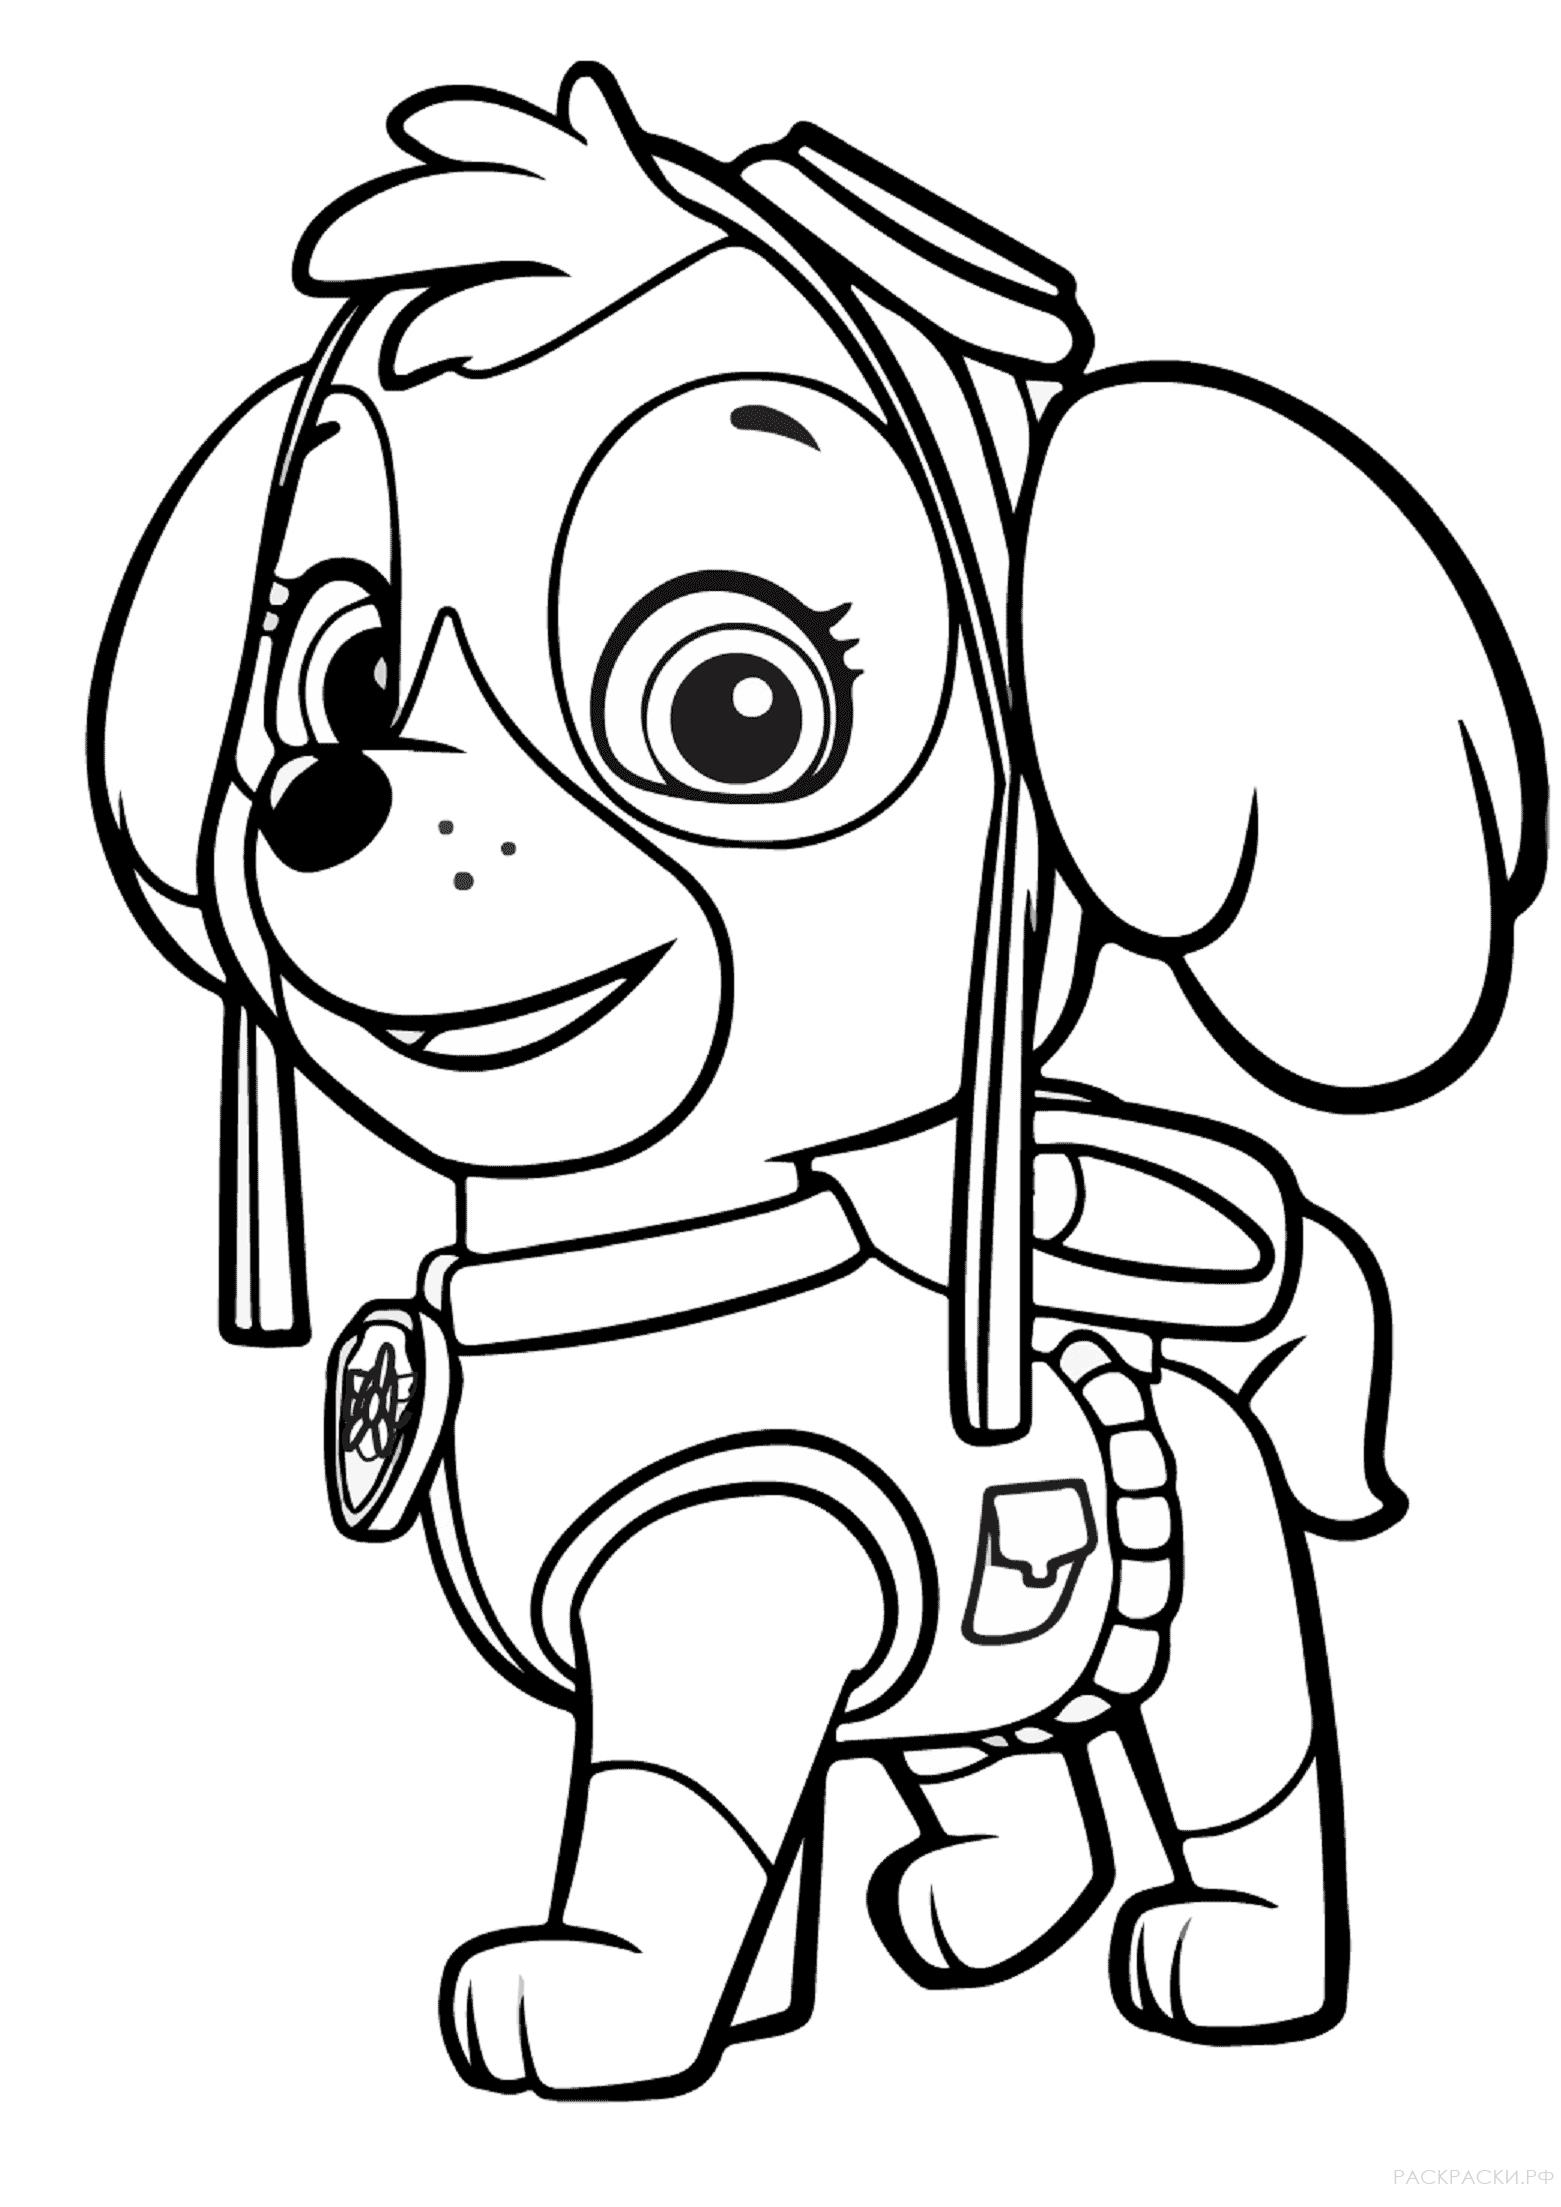 крепыш раскраска щенячий патруль уникален тем, что